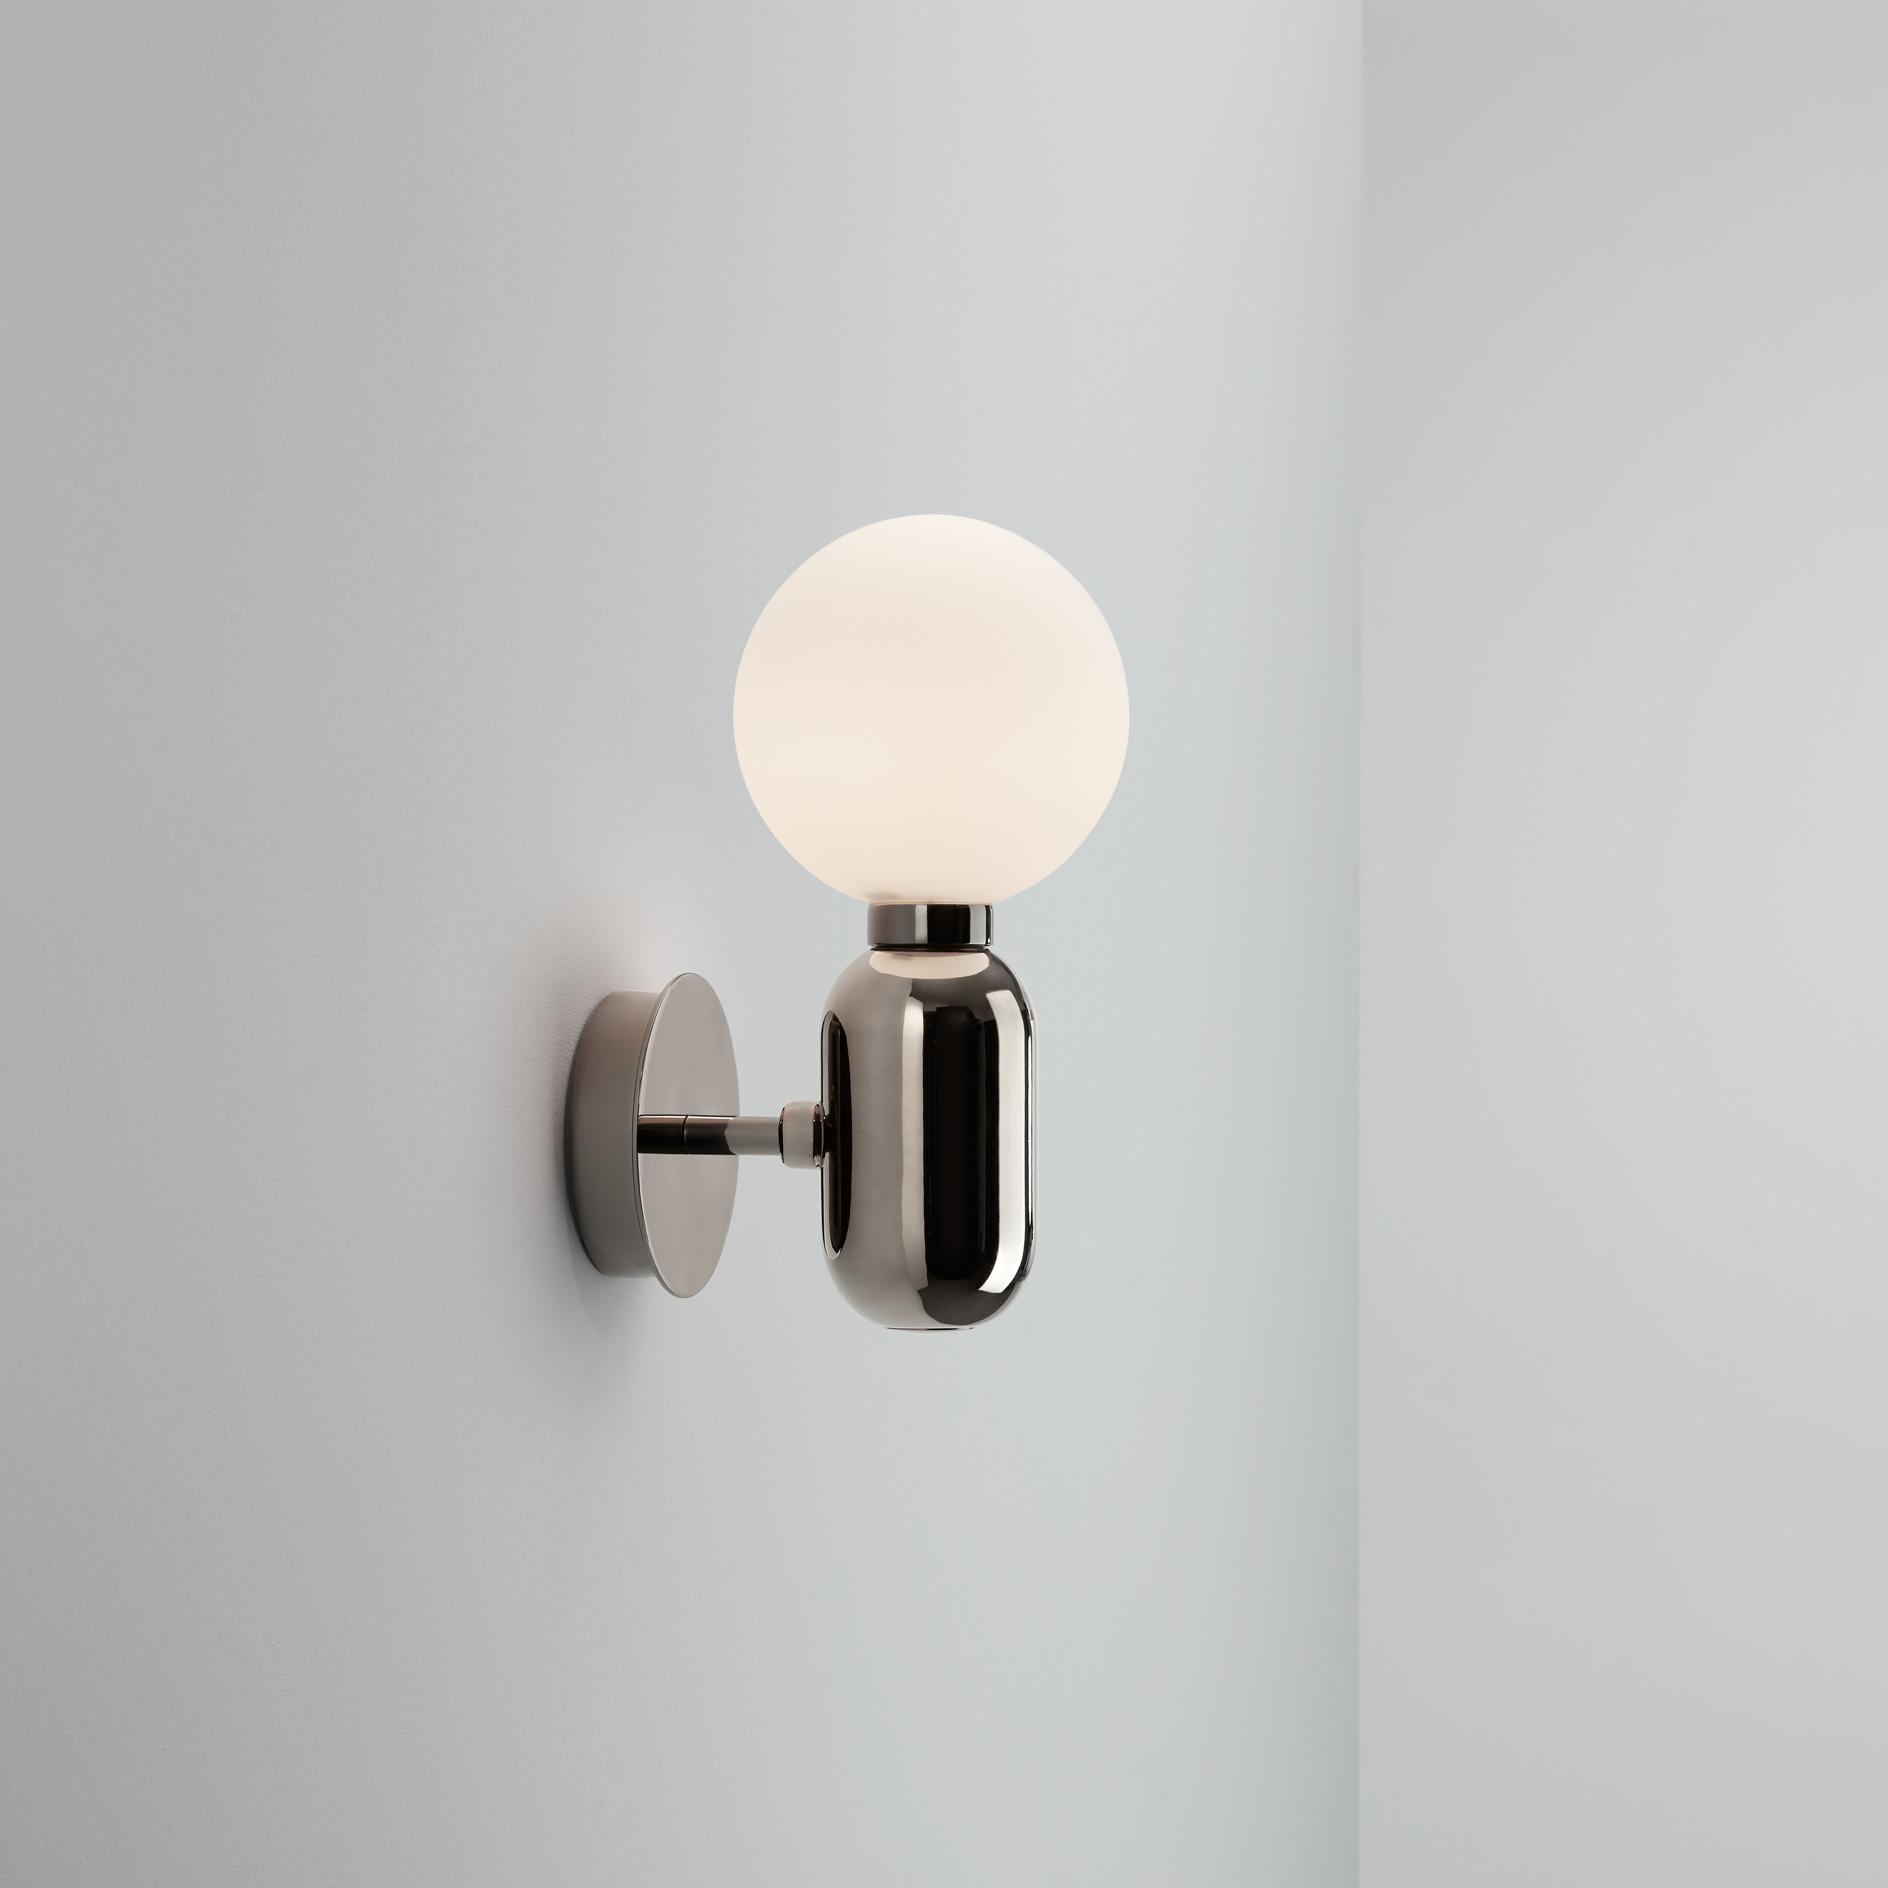 ABALLS A — ROAM - Scandinavian Design Distributor